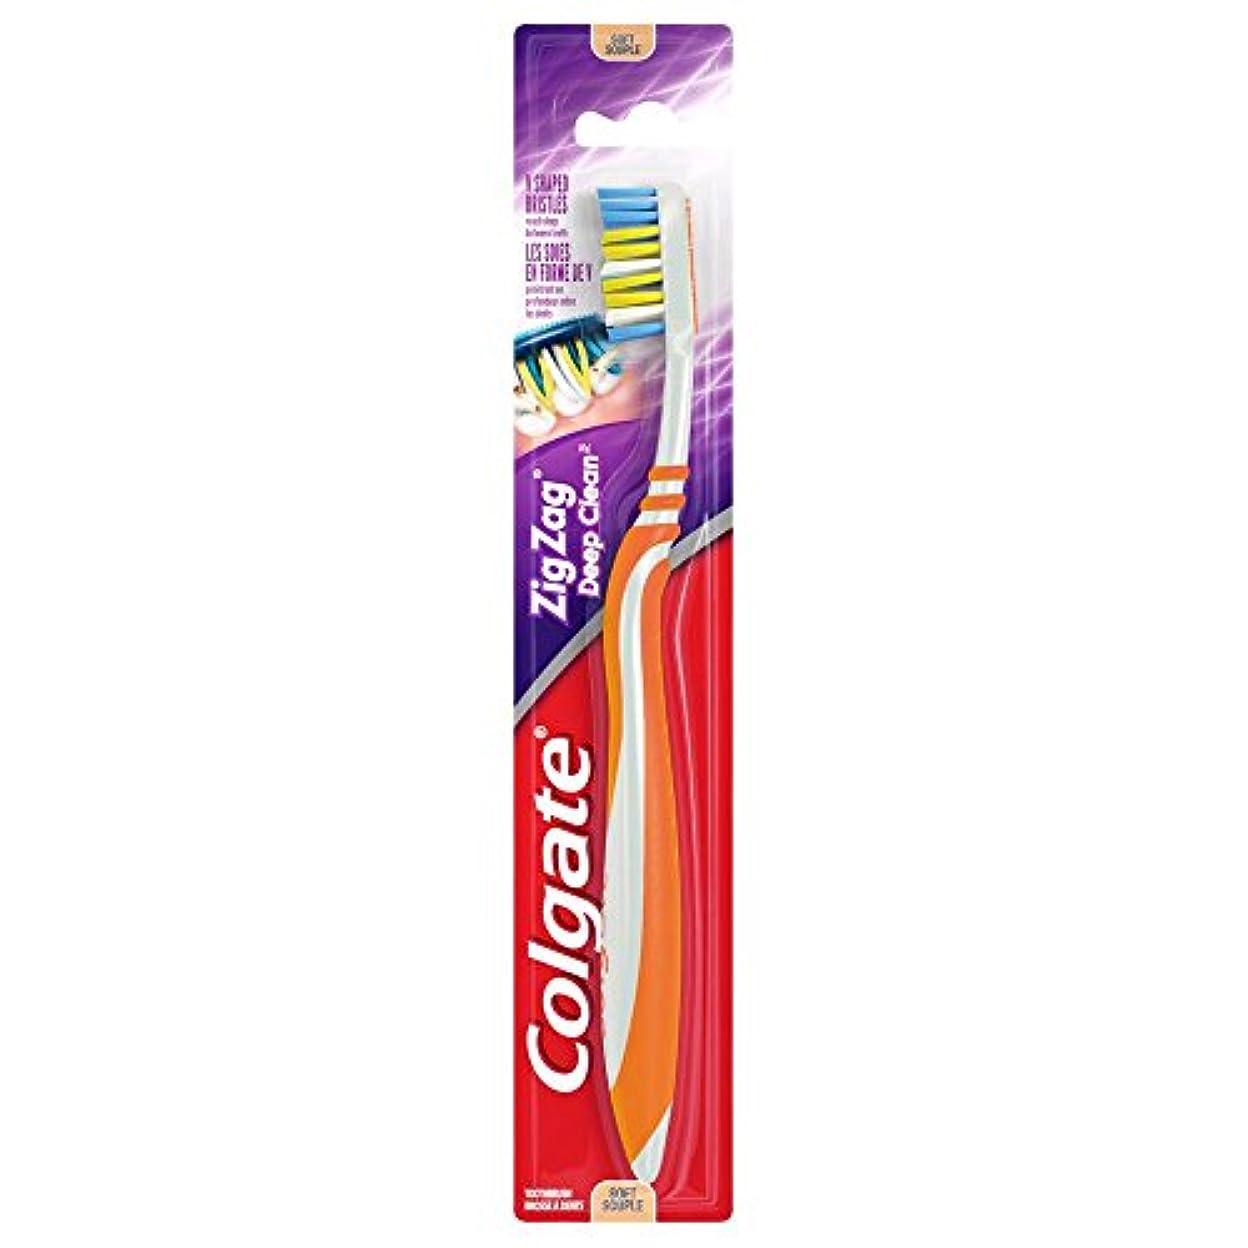 閉じ込める検出マニアックColgate ジグザグディープクリーン歯ブラシ、ソフト - 6パック